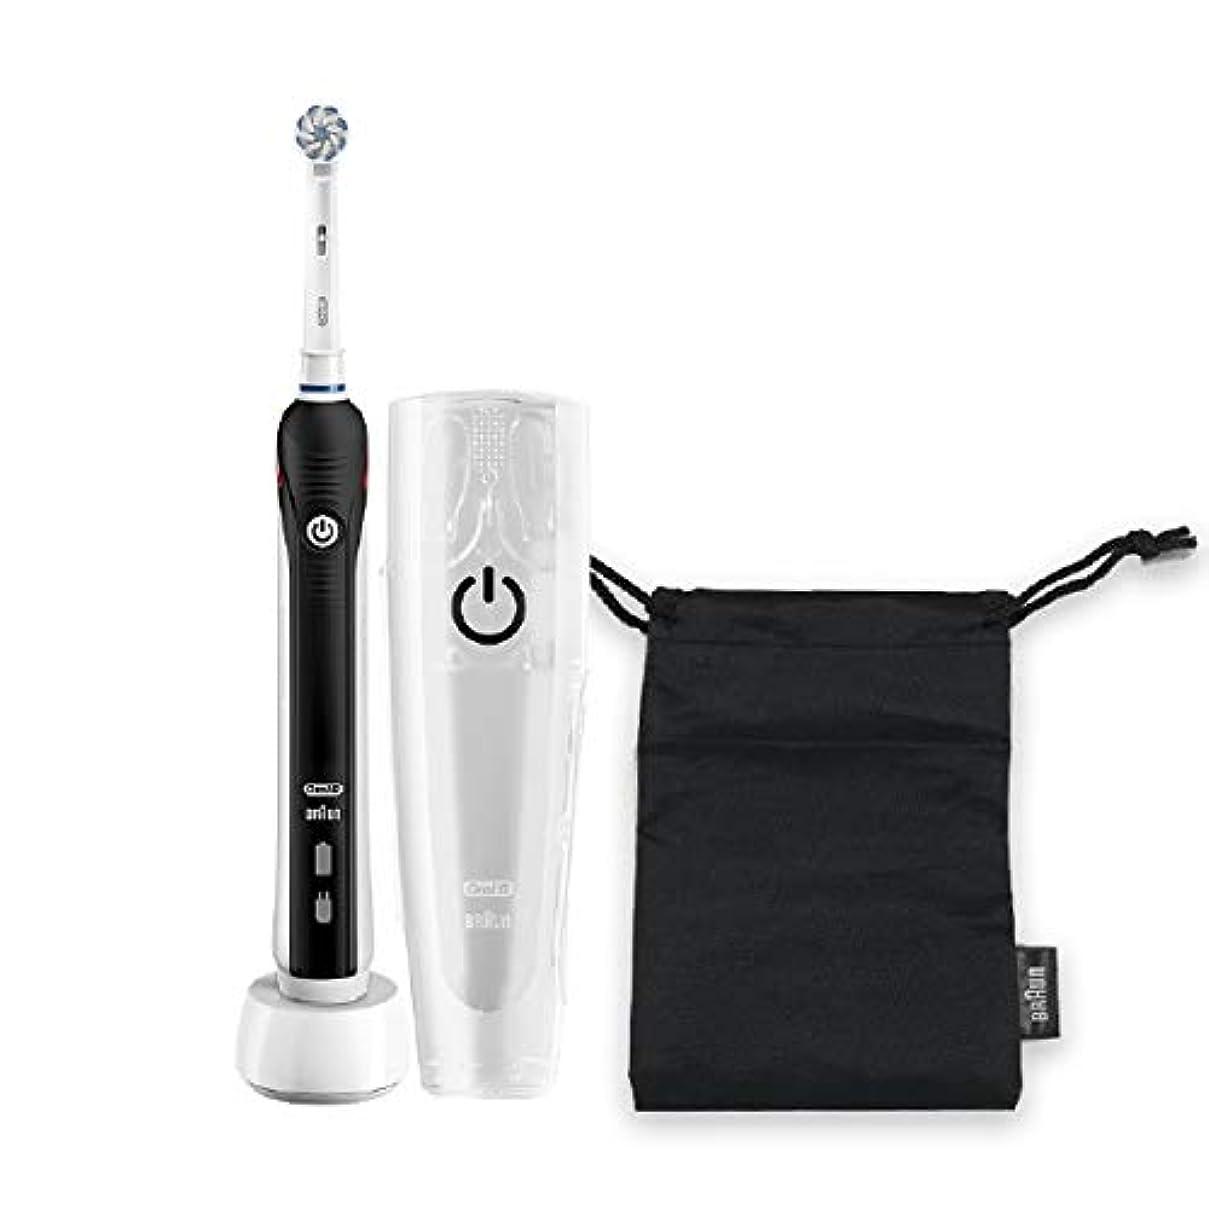 プレーヤー独立した資本ブラウン 電動歯ブラシ(ブラック)BRAUN Oral-B(オーラルB) PRO2000 D5015132XBKN